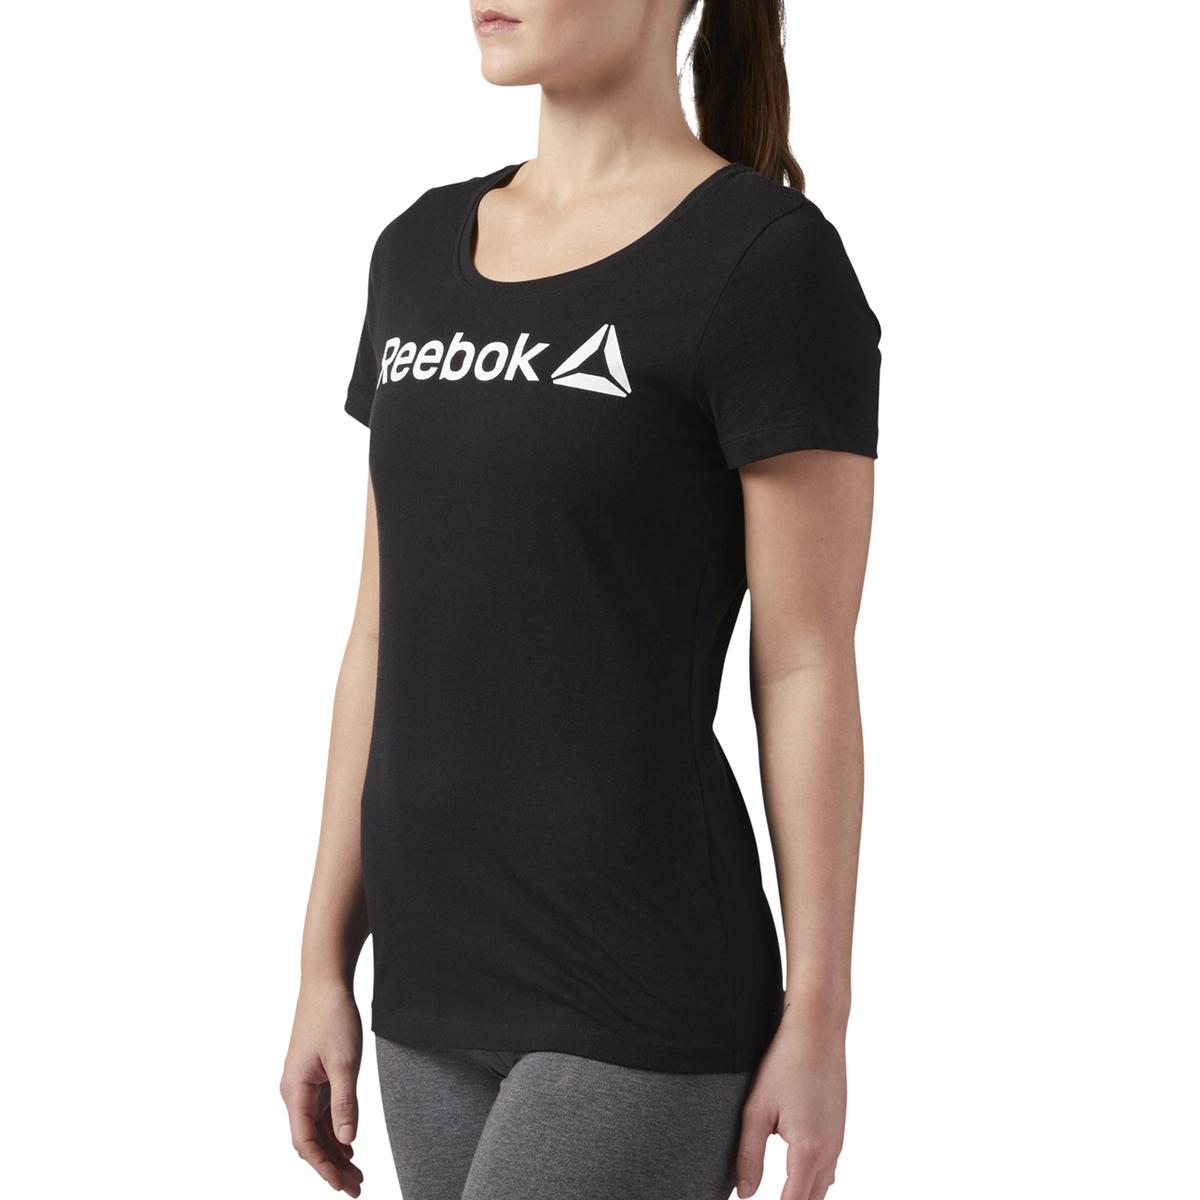 Imagen secundaria de producto de Camiseta con cuello redondo de manga corta y estampado delante - Reebok